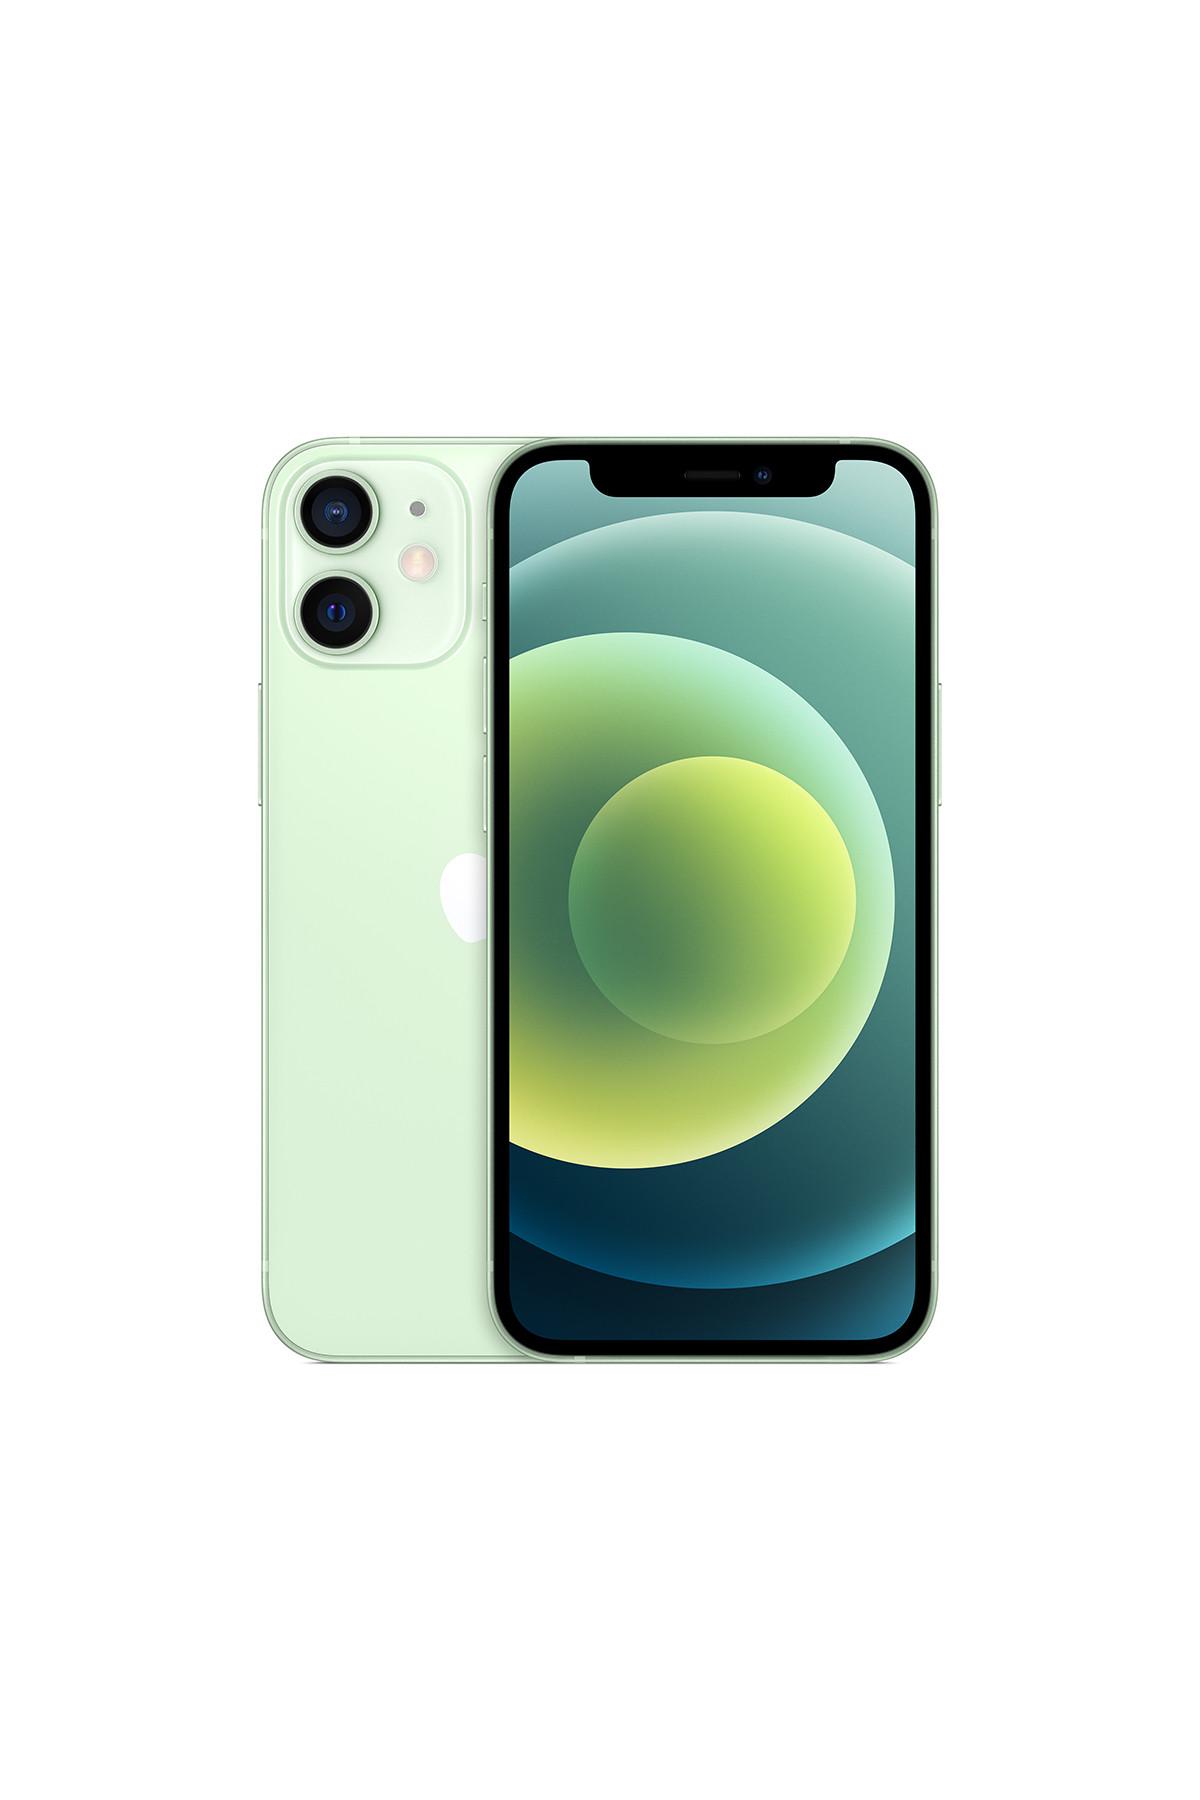 iPhone 12 Mini 128GB - Green